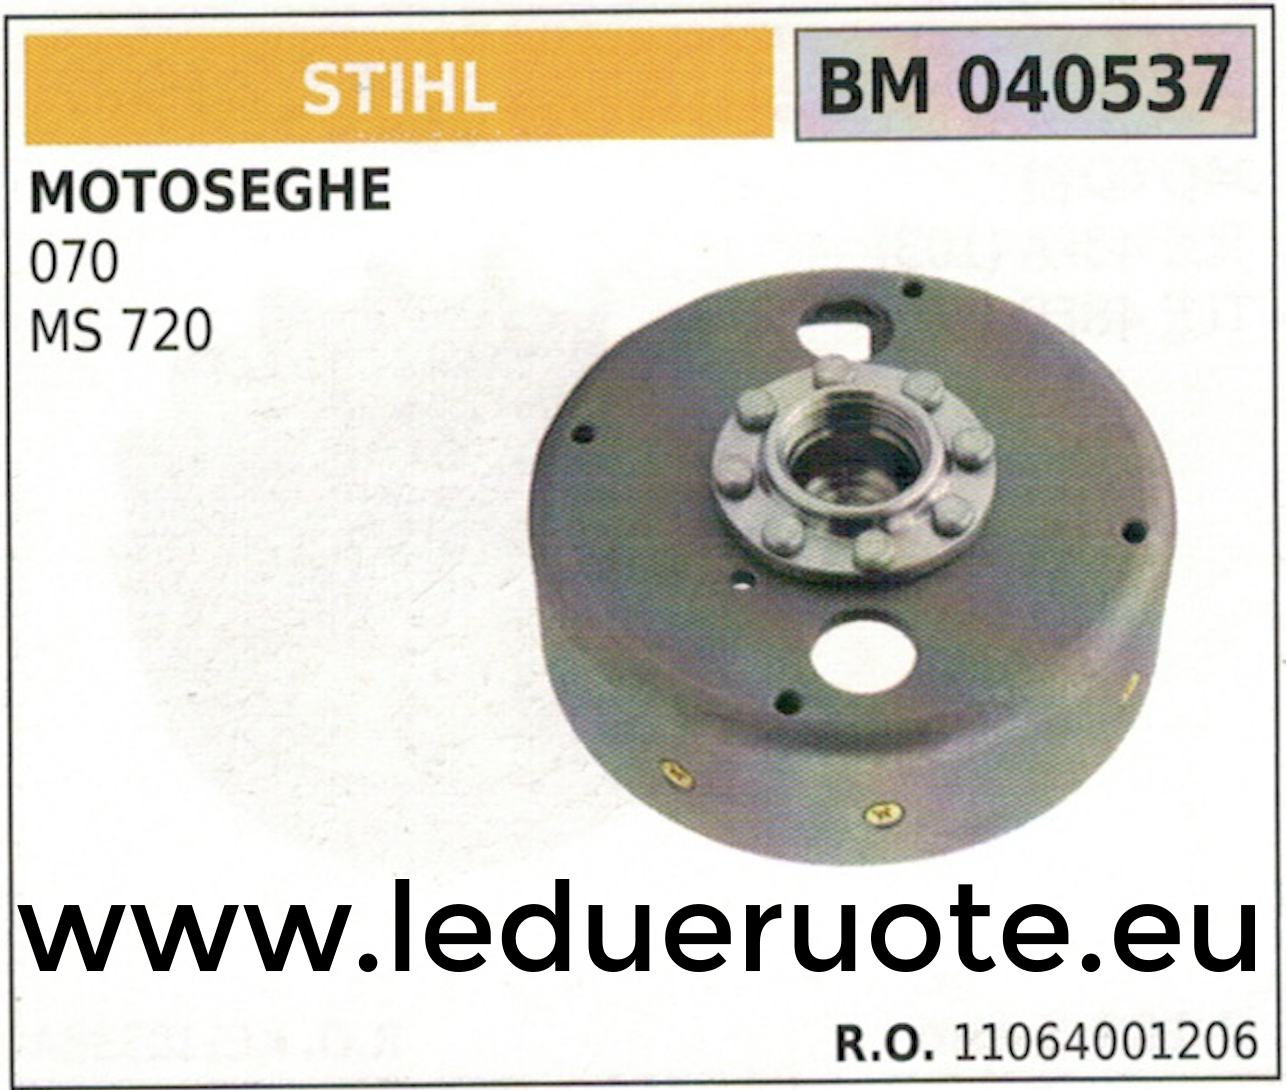 11064001206 VOLANO MAGNETICO magnete ventola MOTOSEGA STIHL 070 MS 270